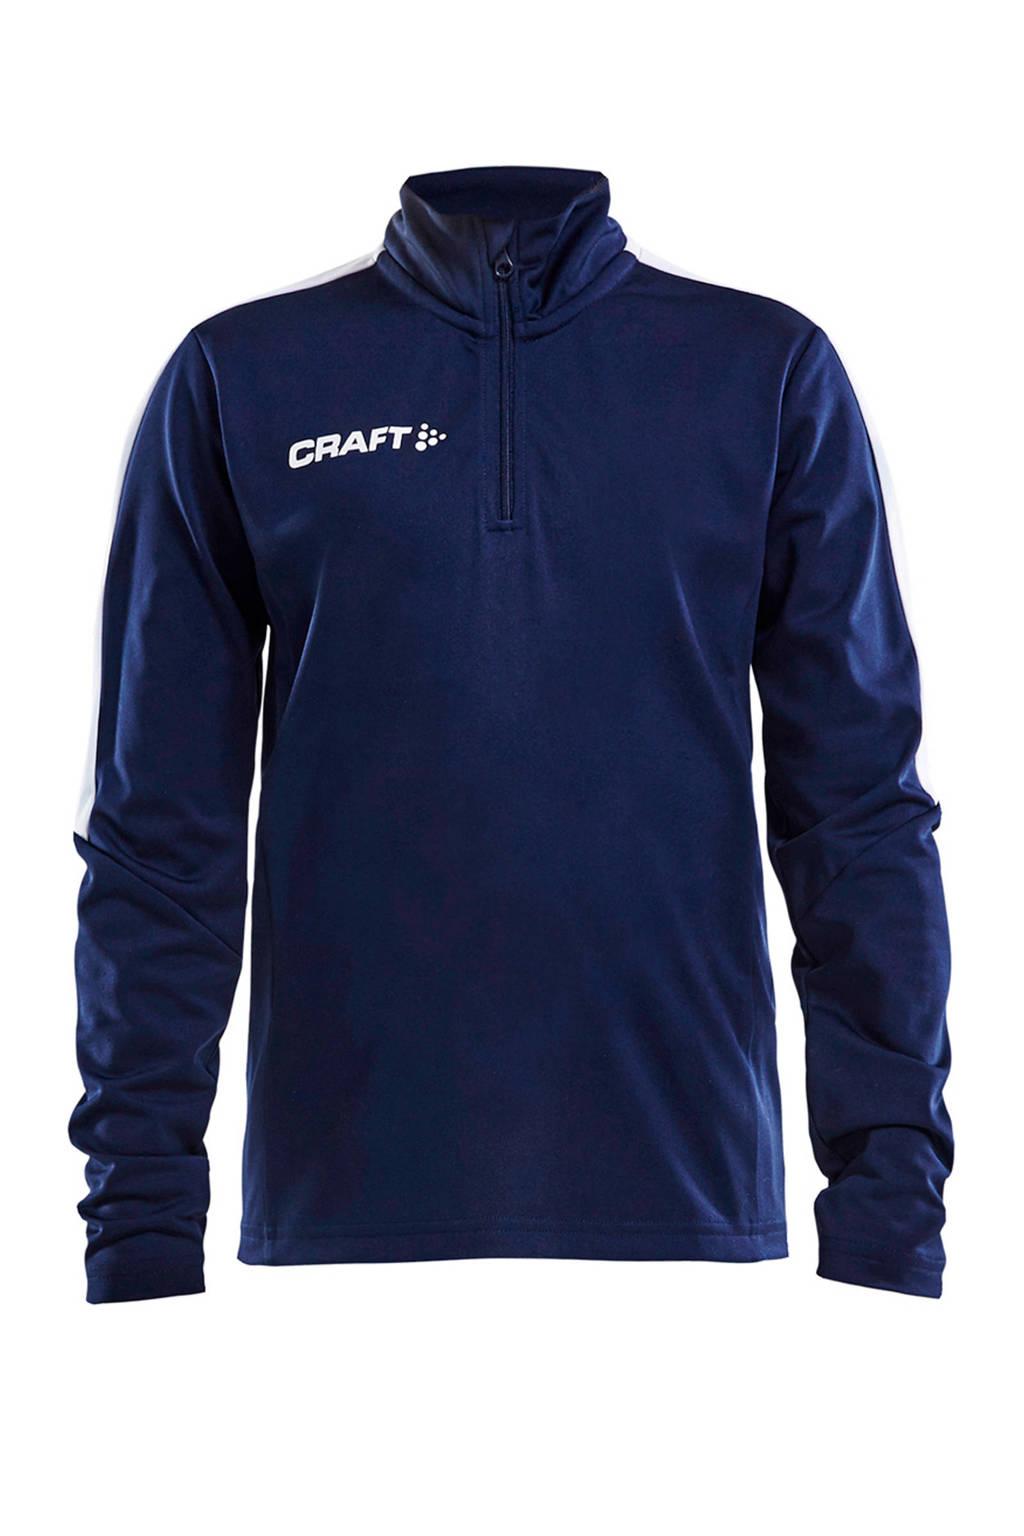 Craft   sportsweater, Donkerblauw, Jongens/meisjes